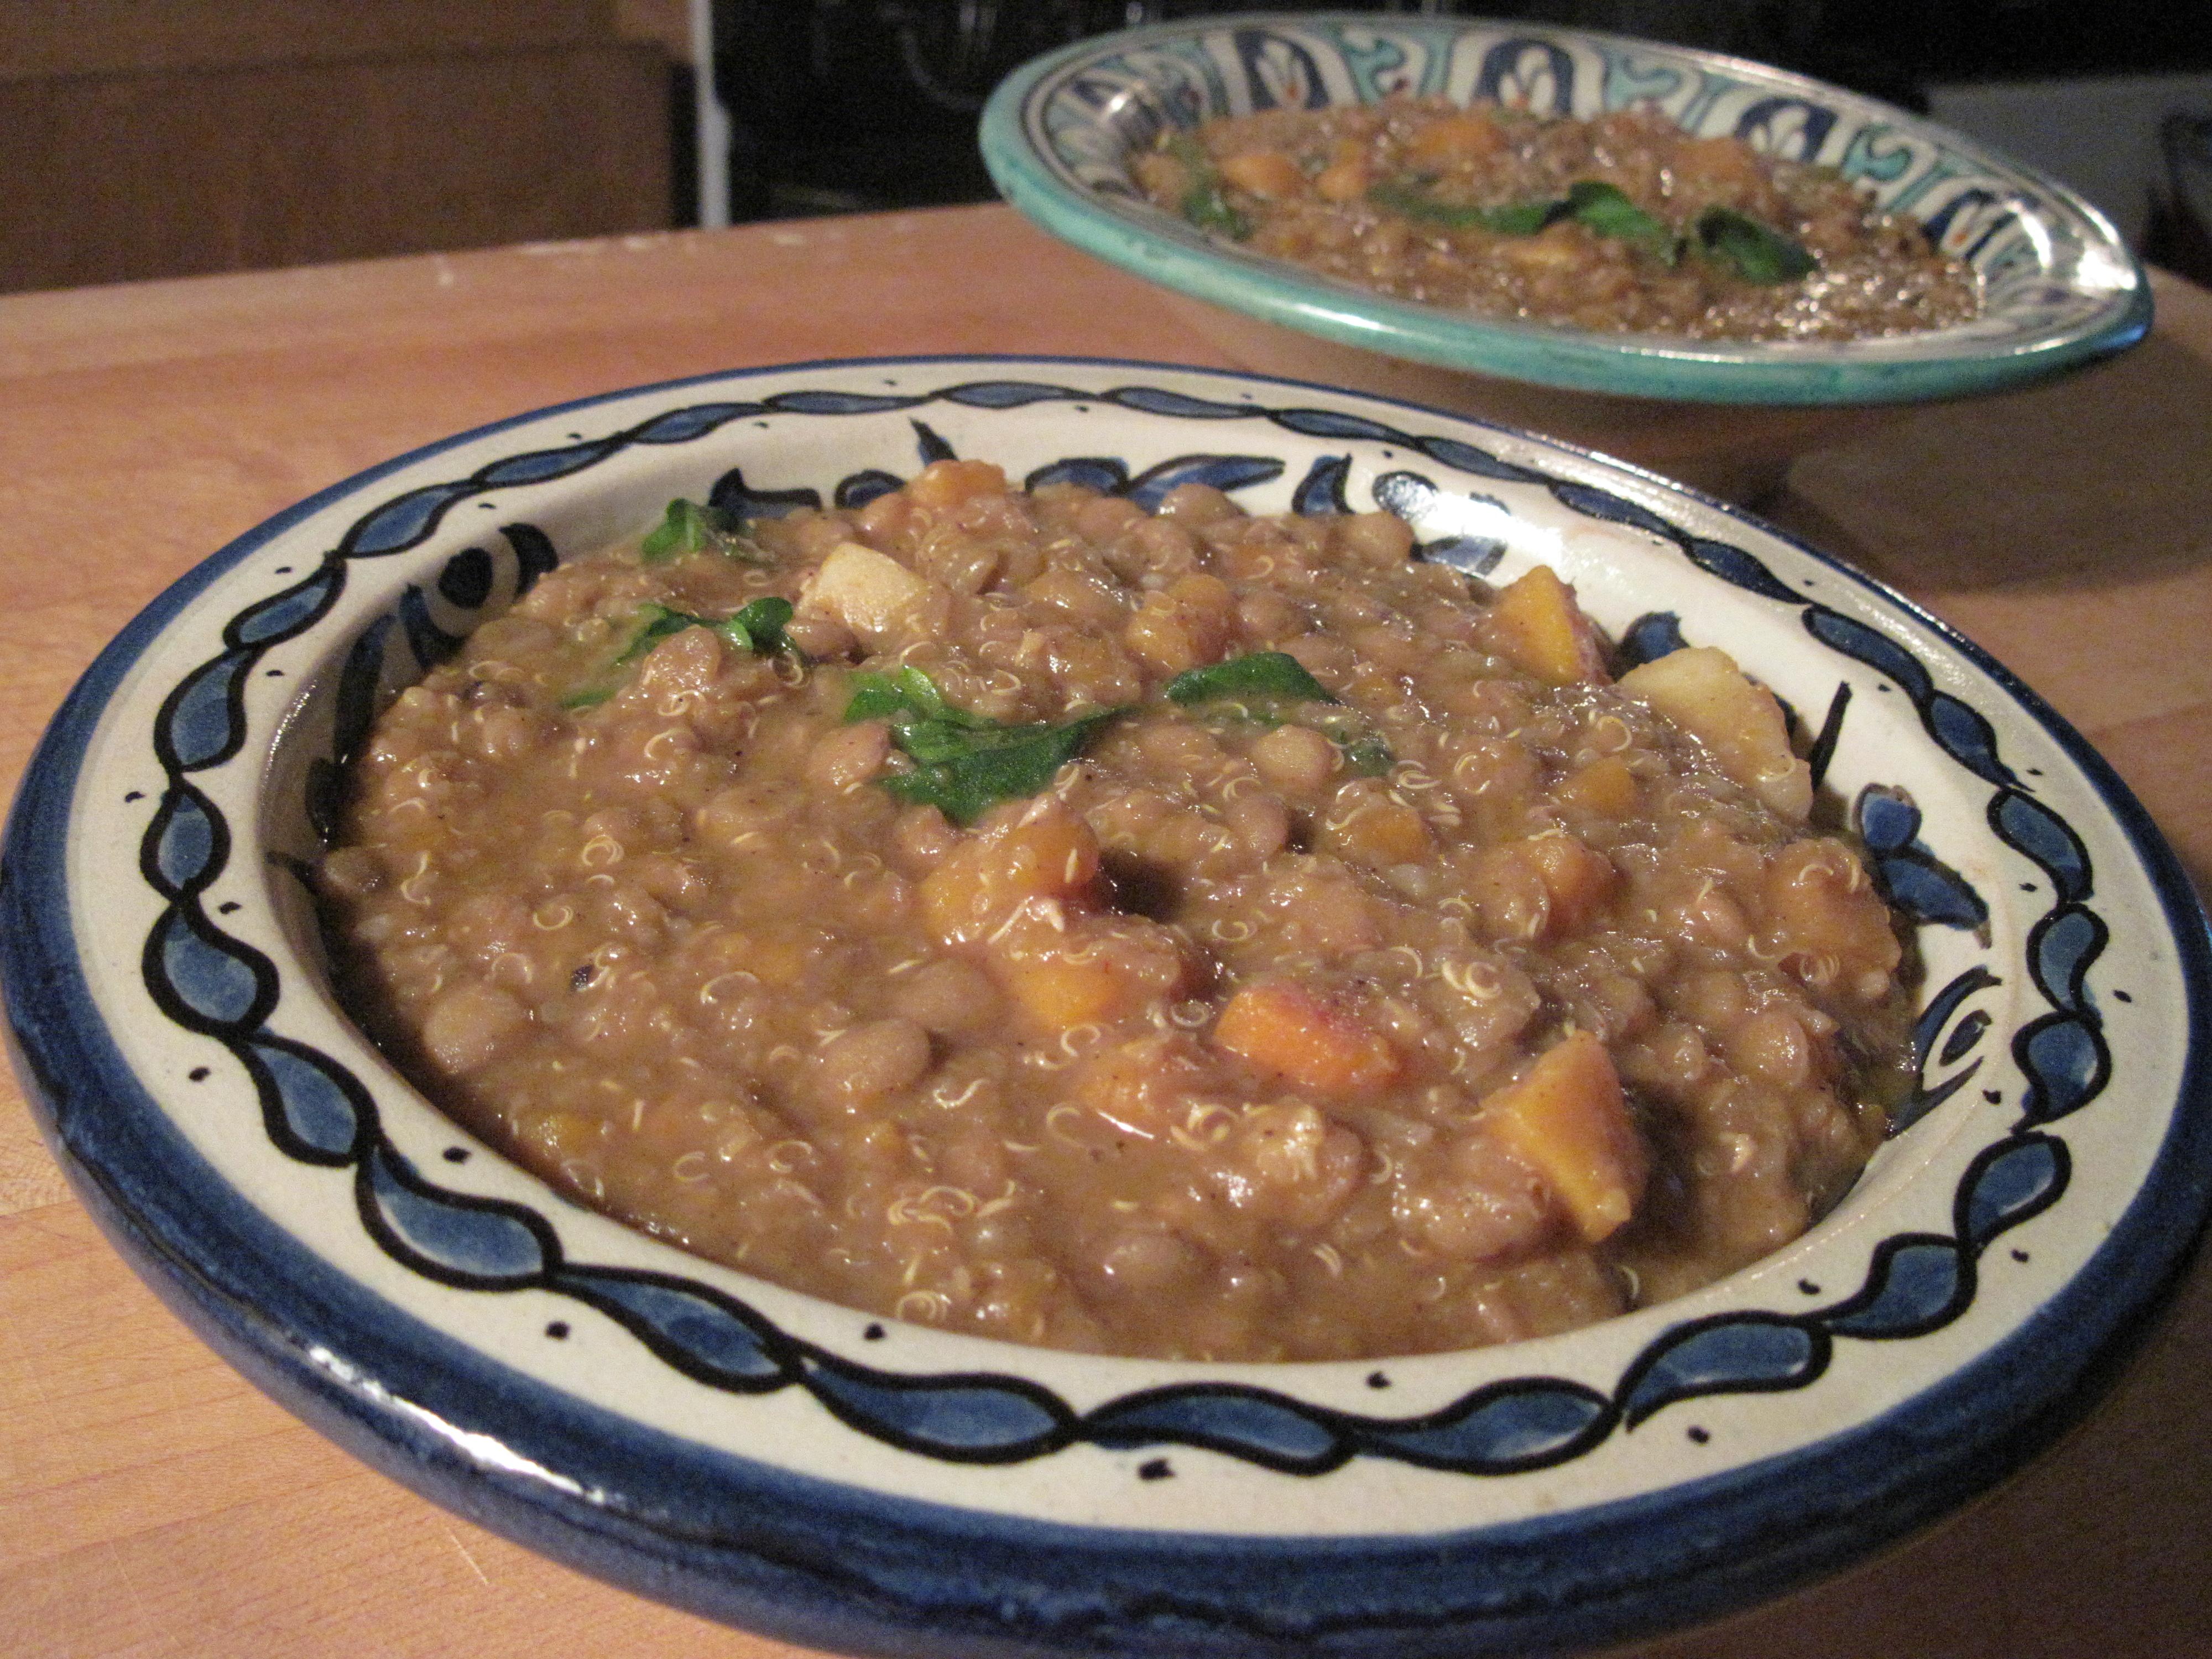 Spanish Lentils with Quinoa